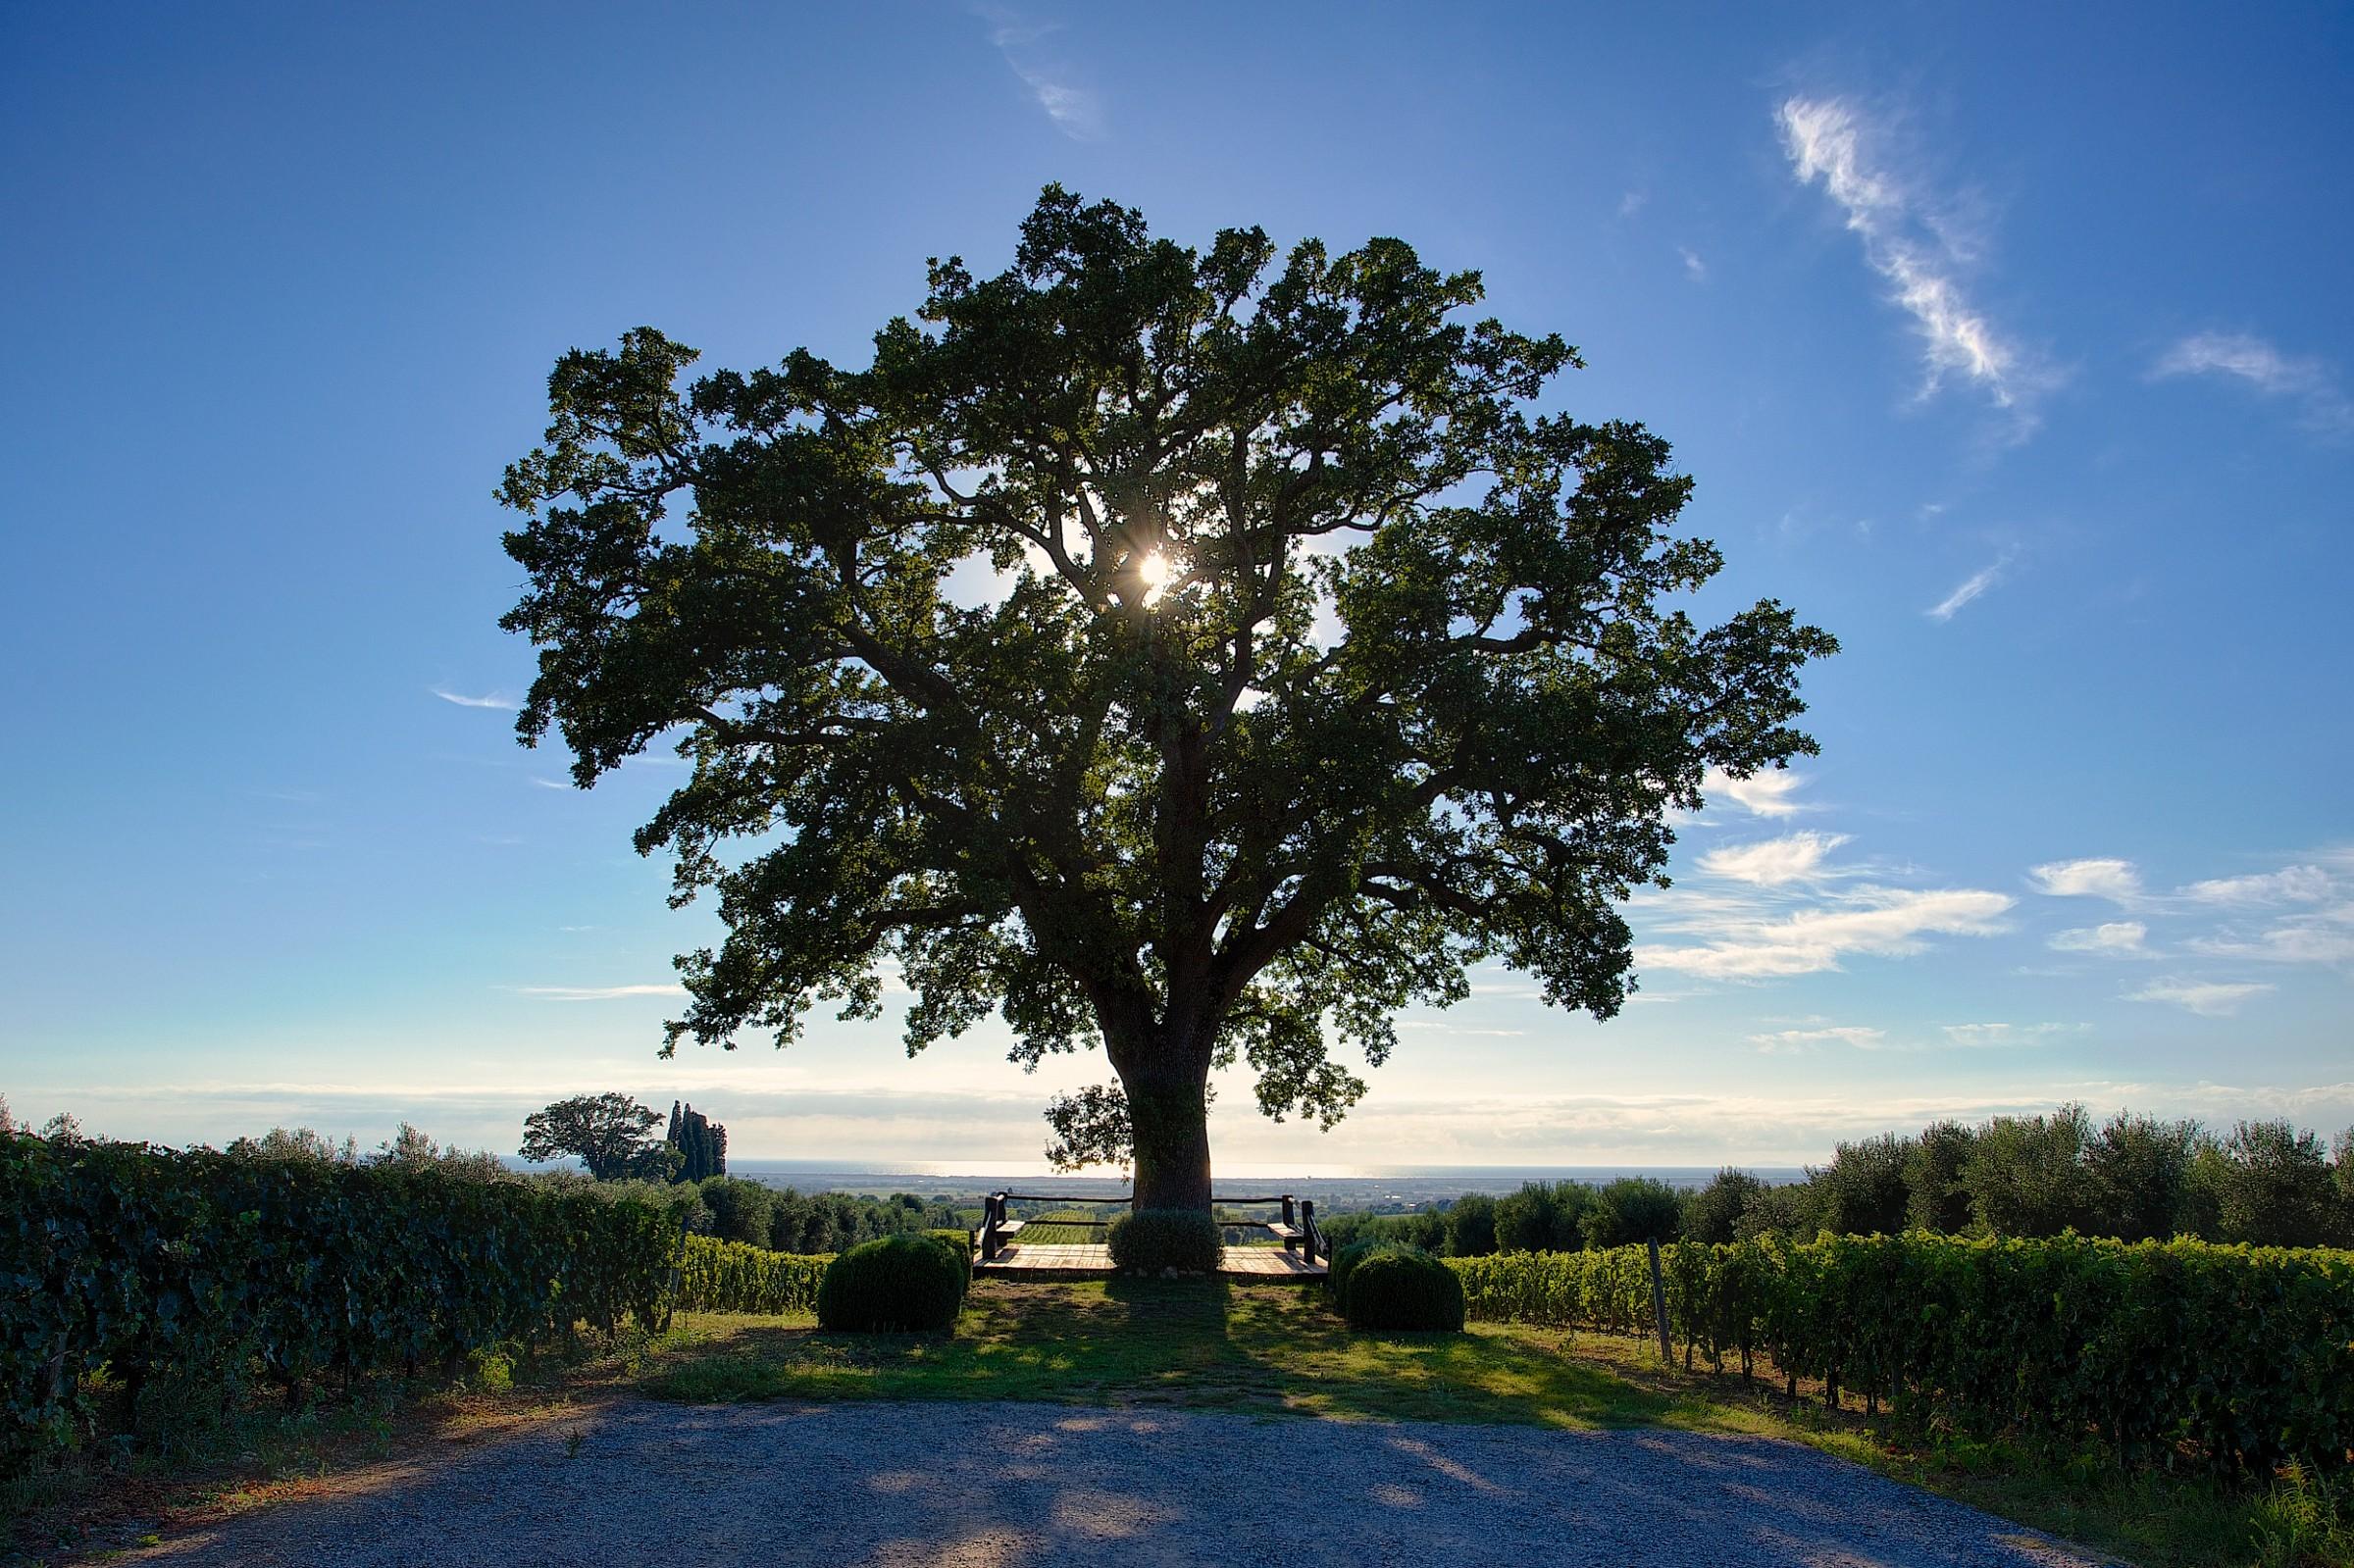 The big oak tree...